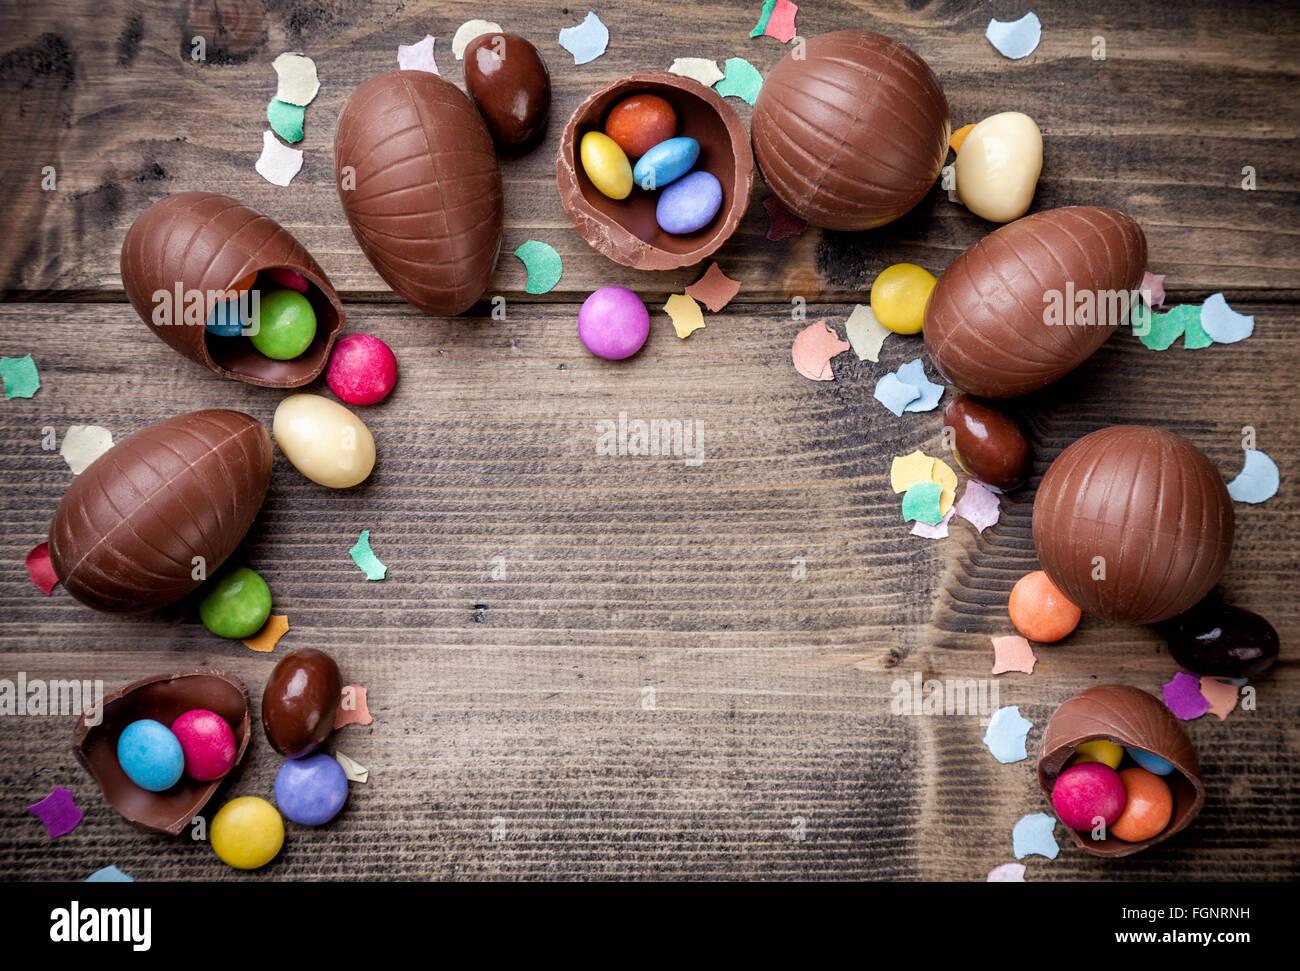 Deliziose uova di pasqua di cioccolato e caramelle su sfondo di legno Immagini Stock